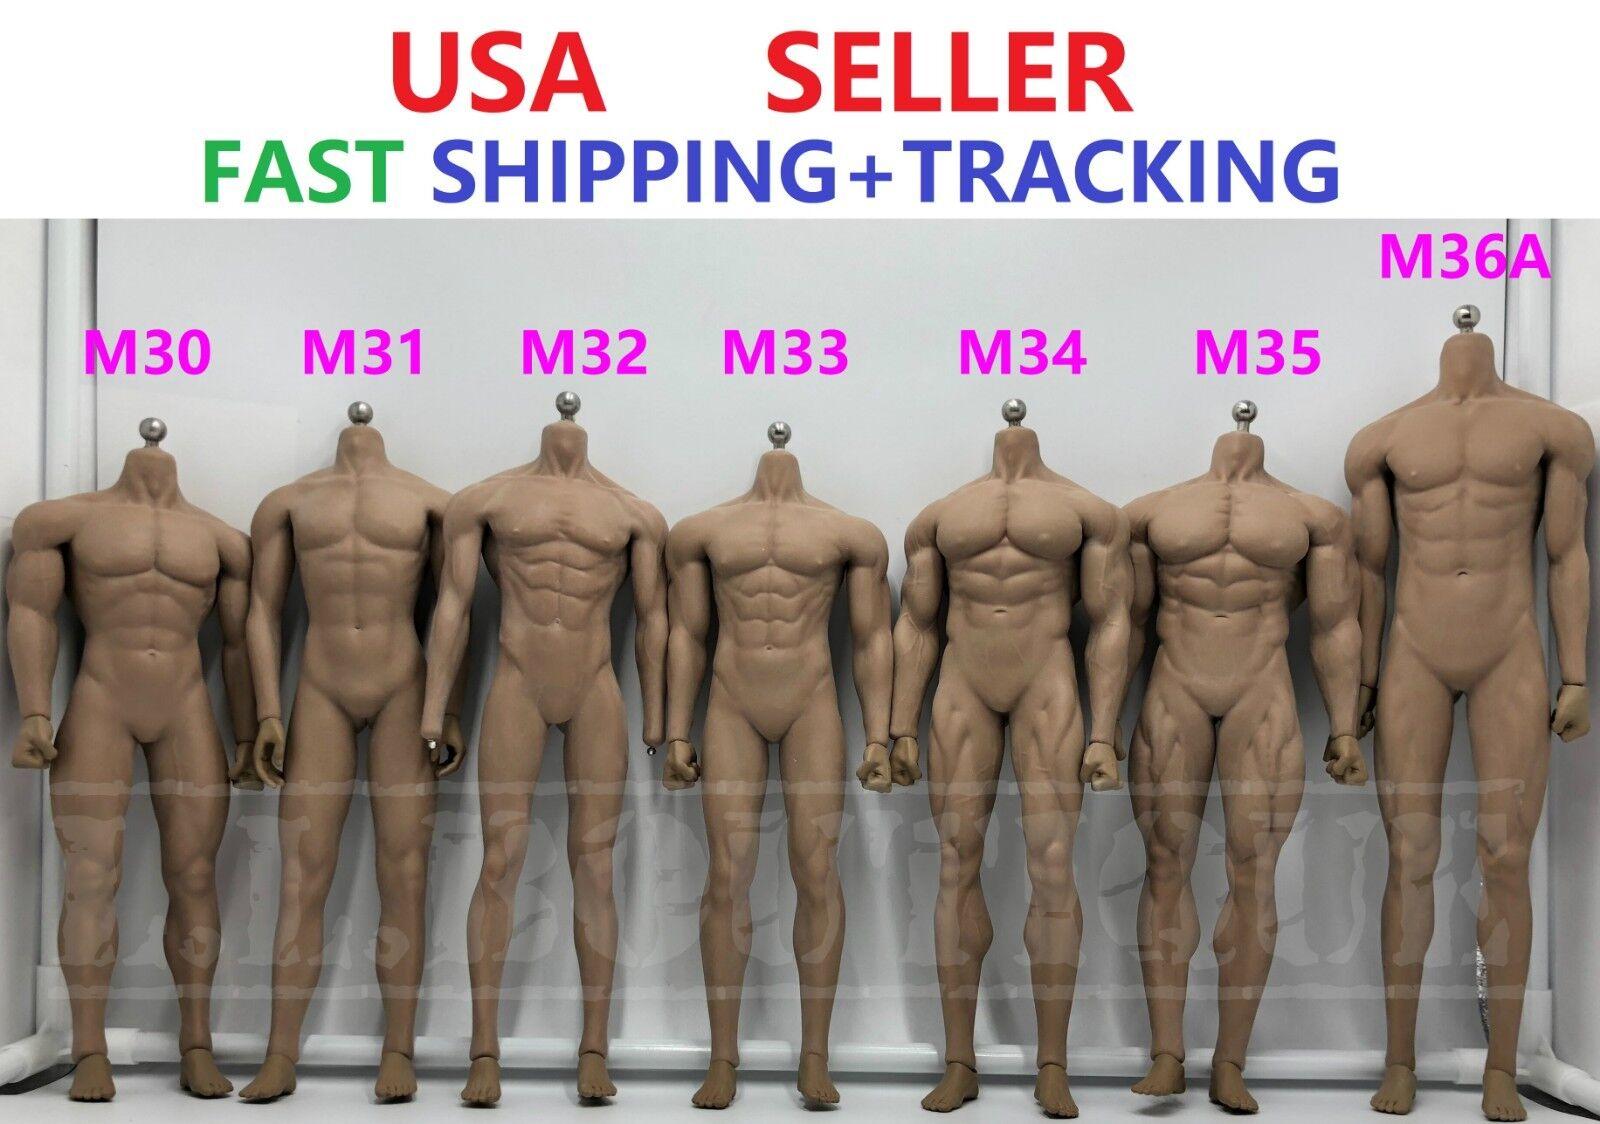 TBLeague PHICEN 1 6 Male Muscular Seamless Body M30 M31 M32 M33 M34 M35 M36A